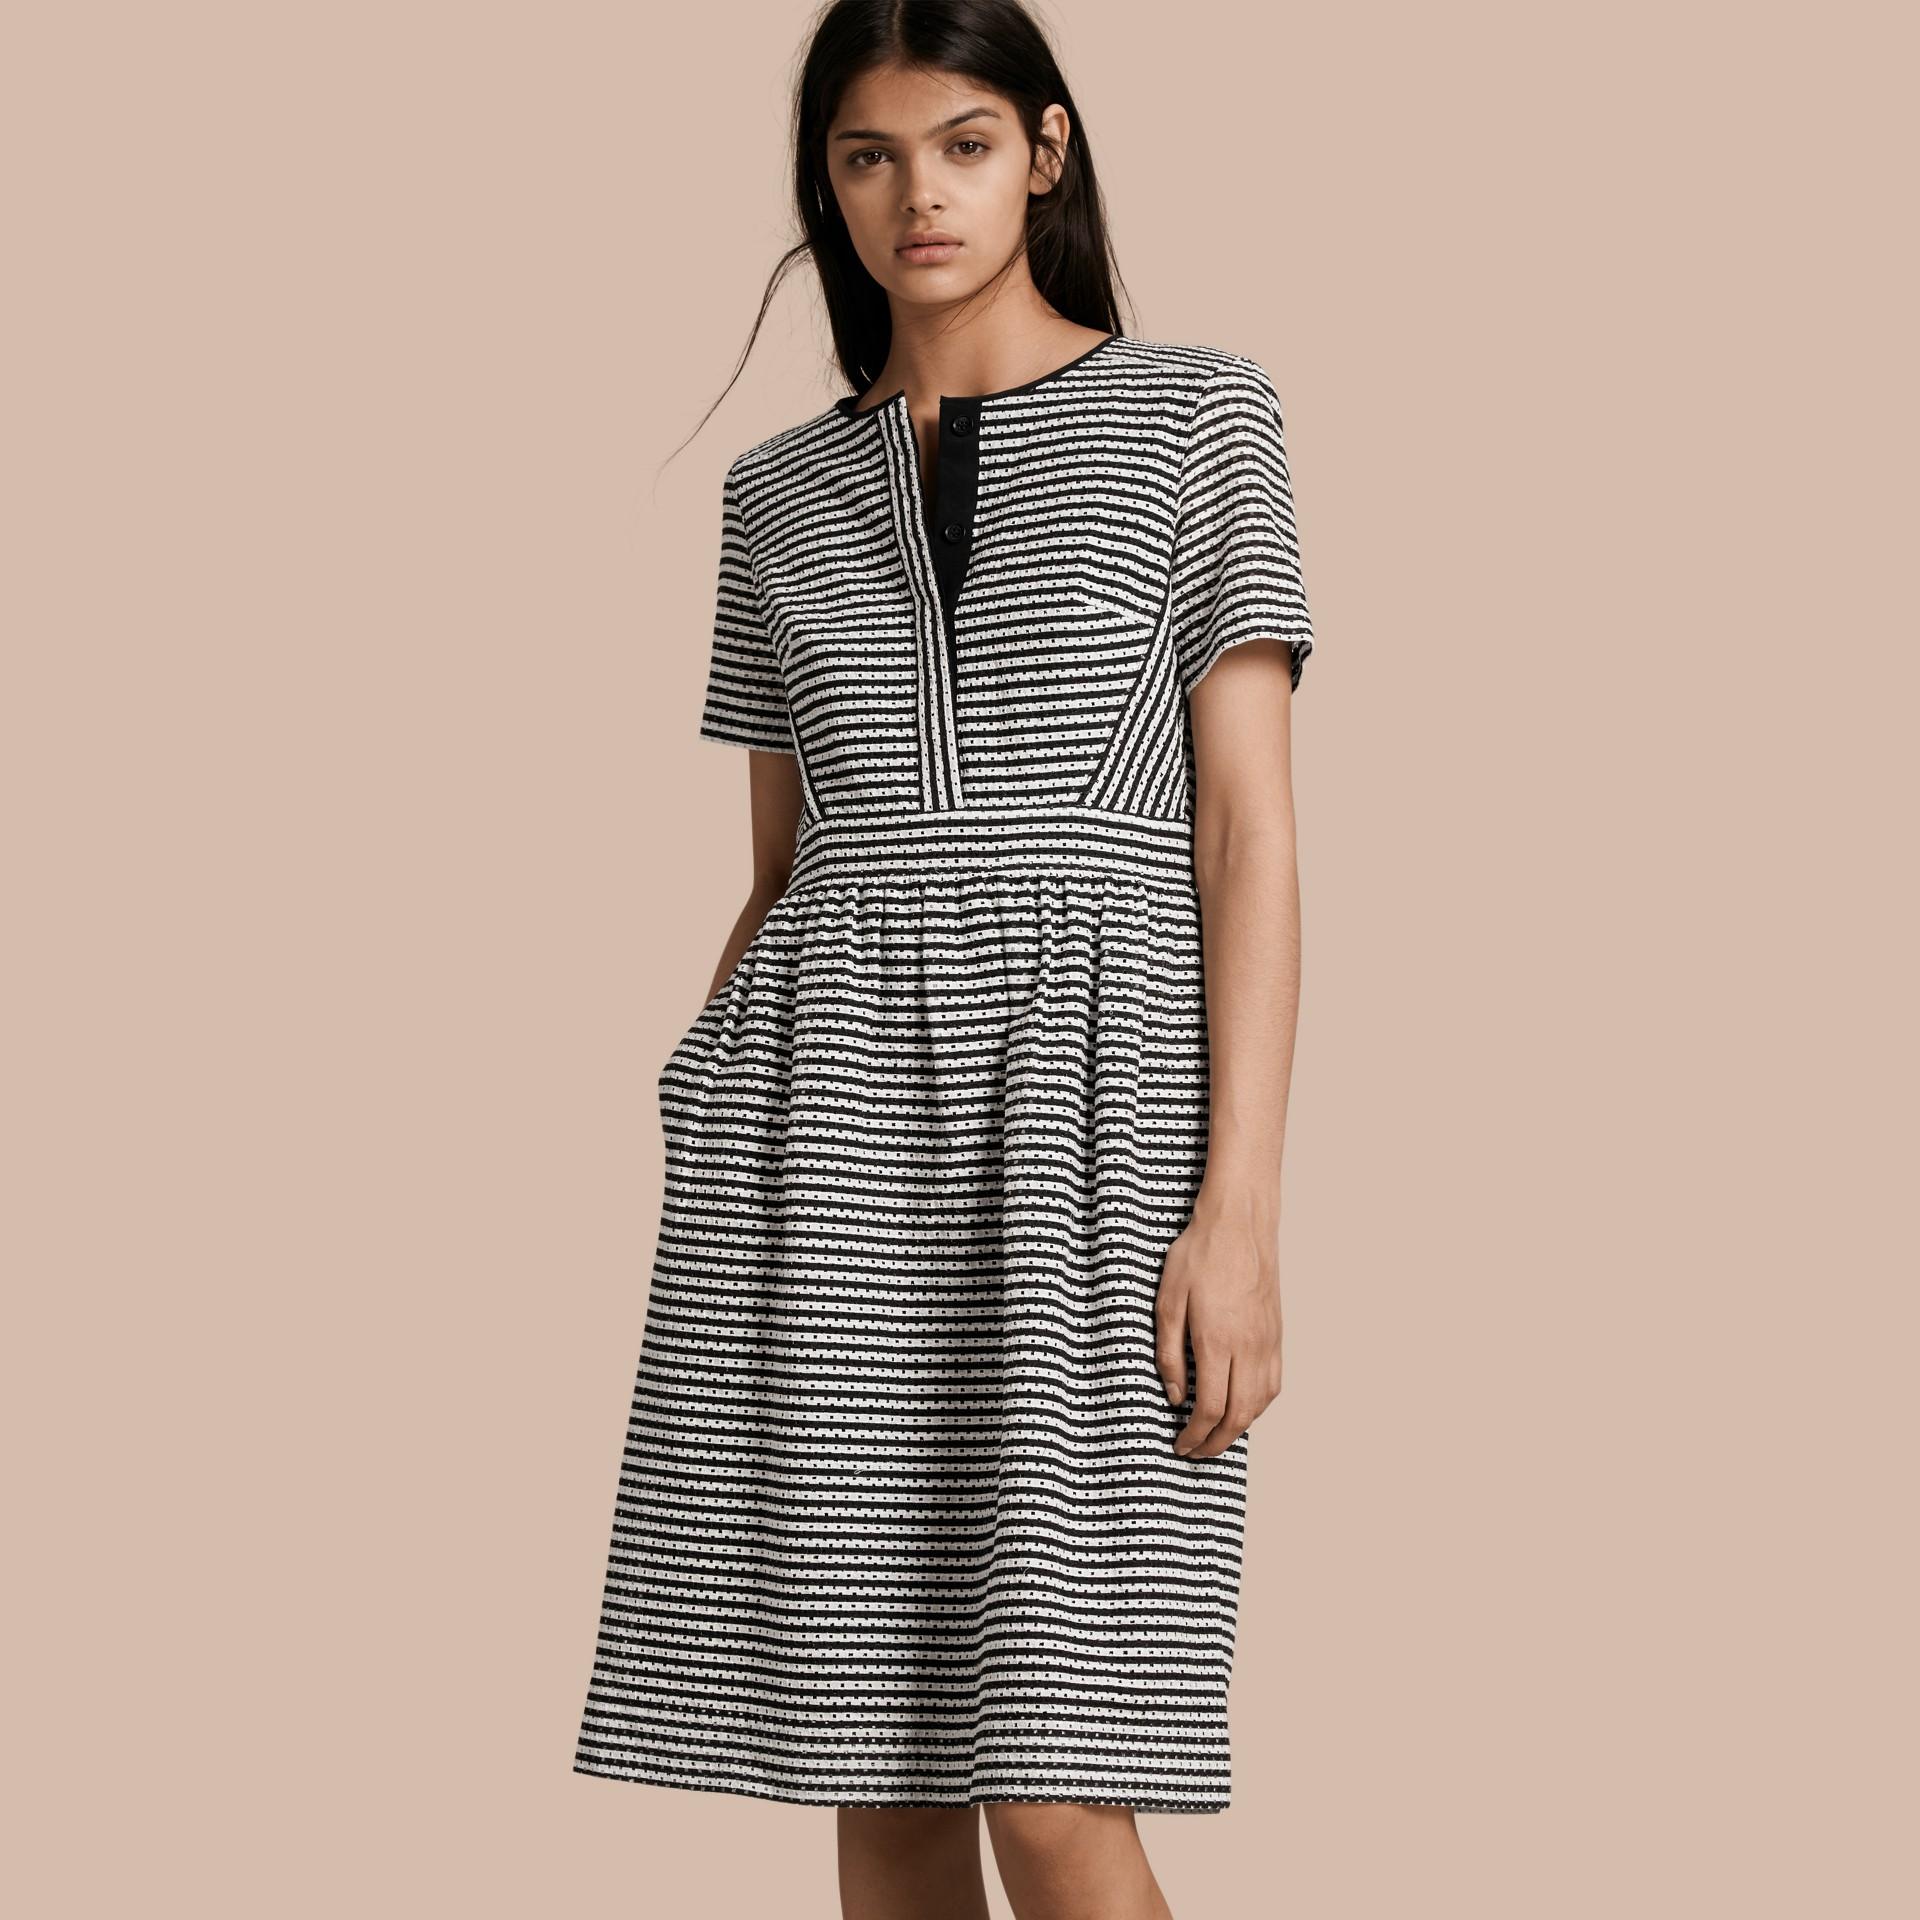 Черный Платье из ажурной ткани в полоску - изображение 1